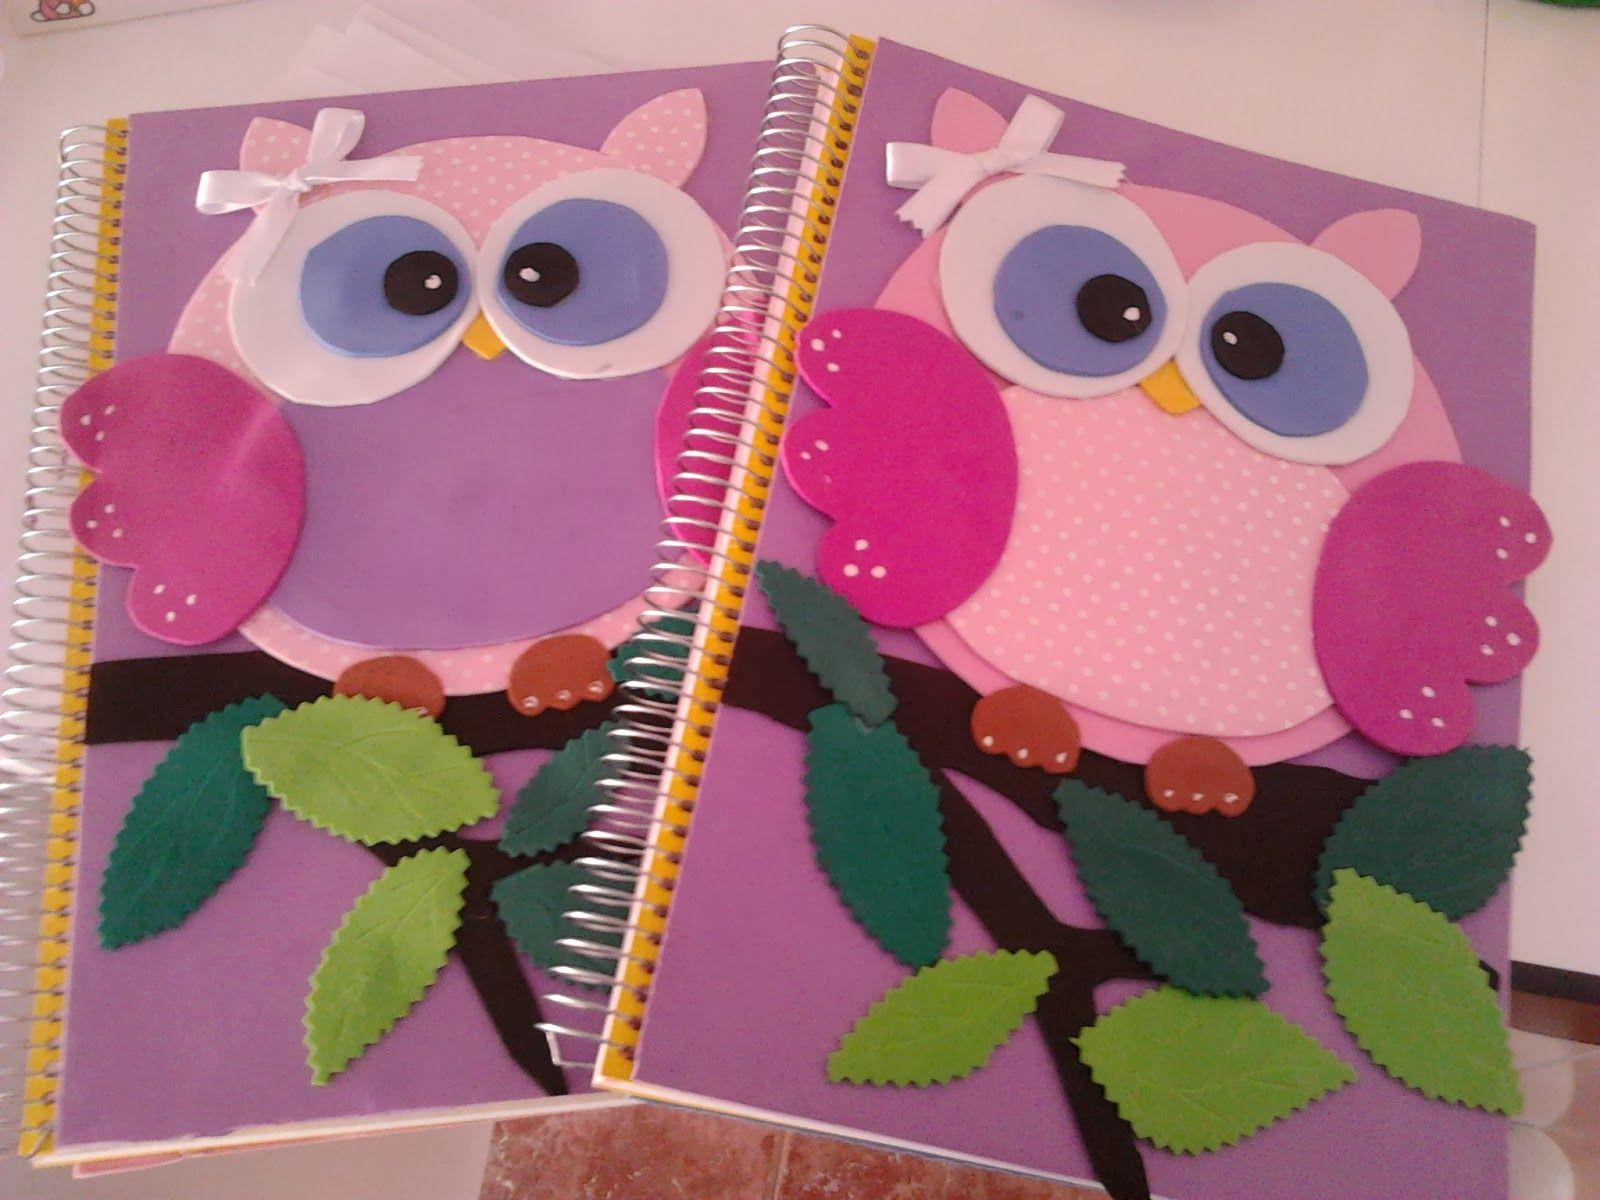 Flores para decorar cuadernos en hd gratis para el movil 8 for Decoraciones para trabajos